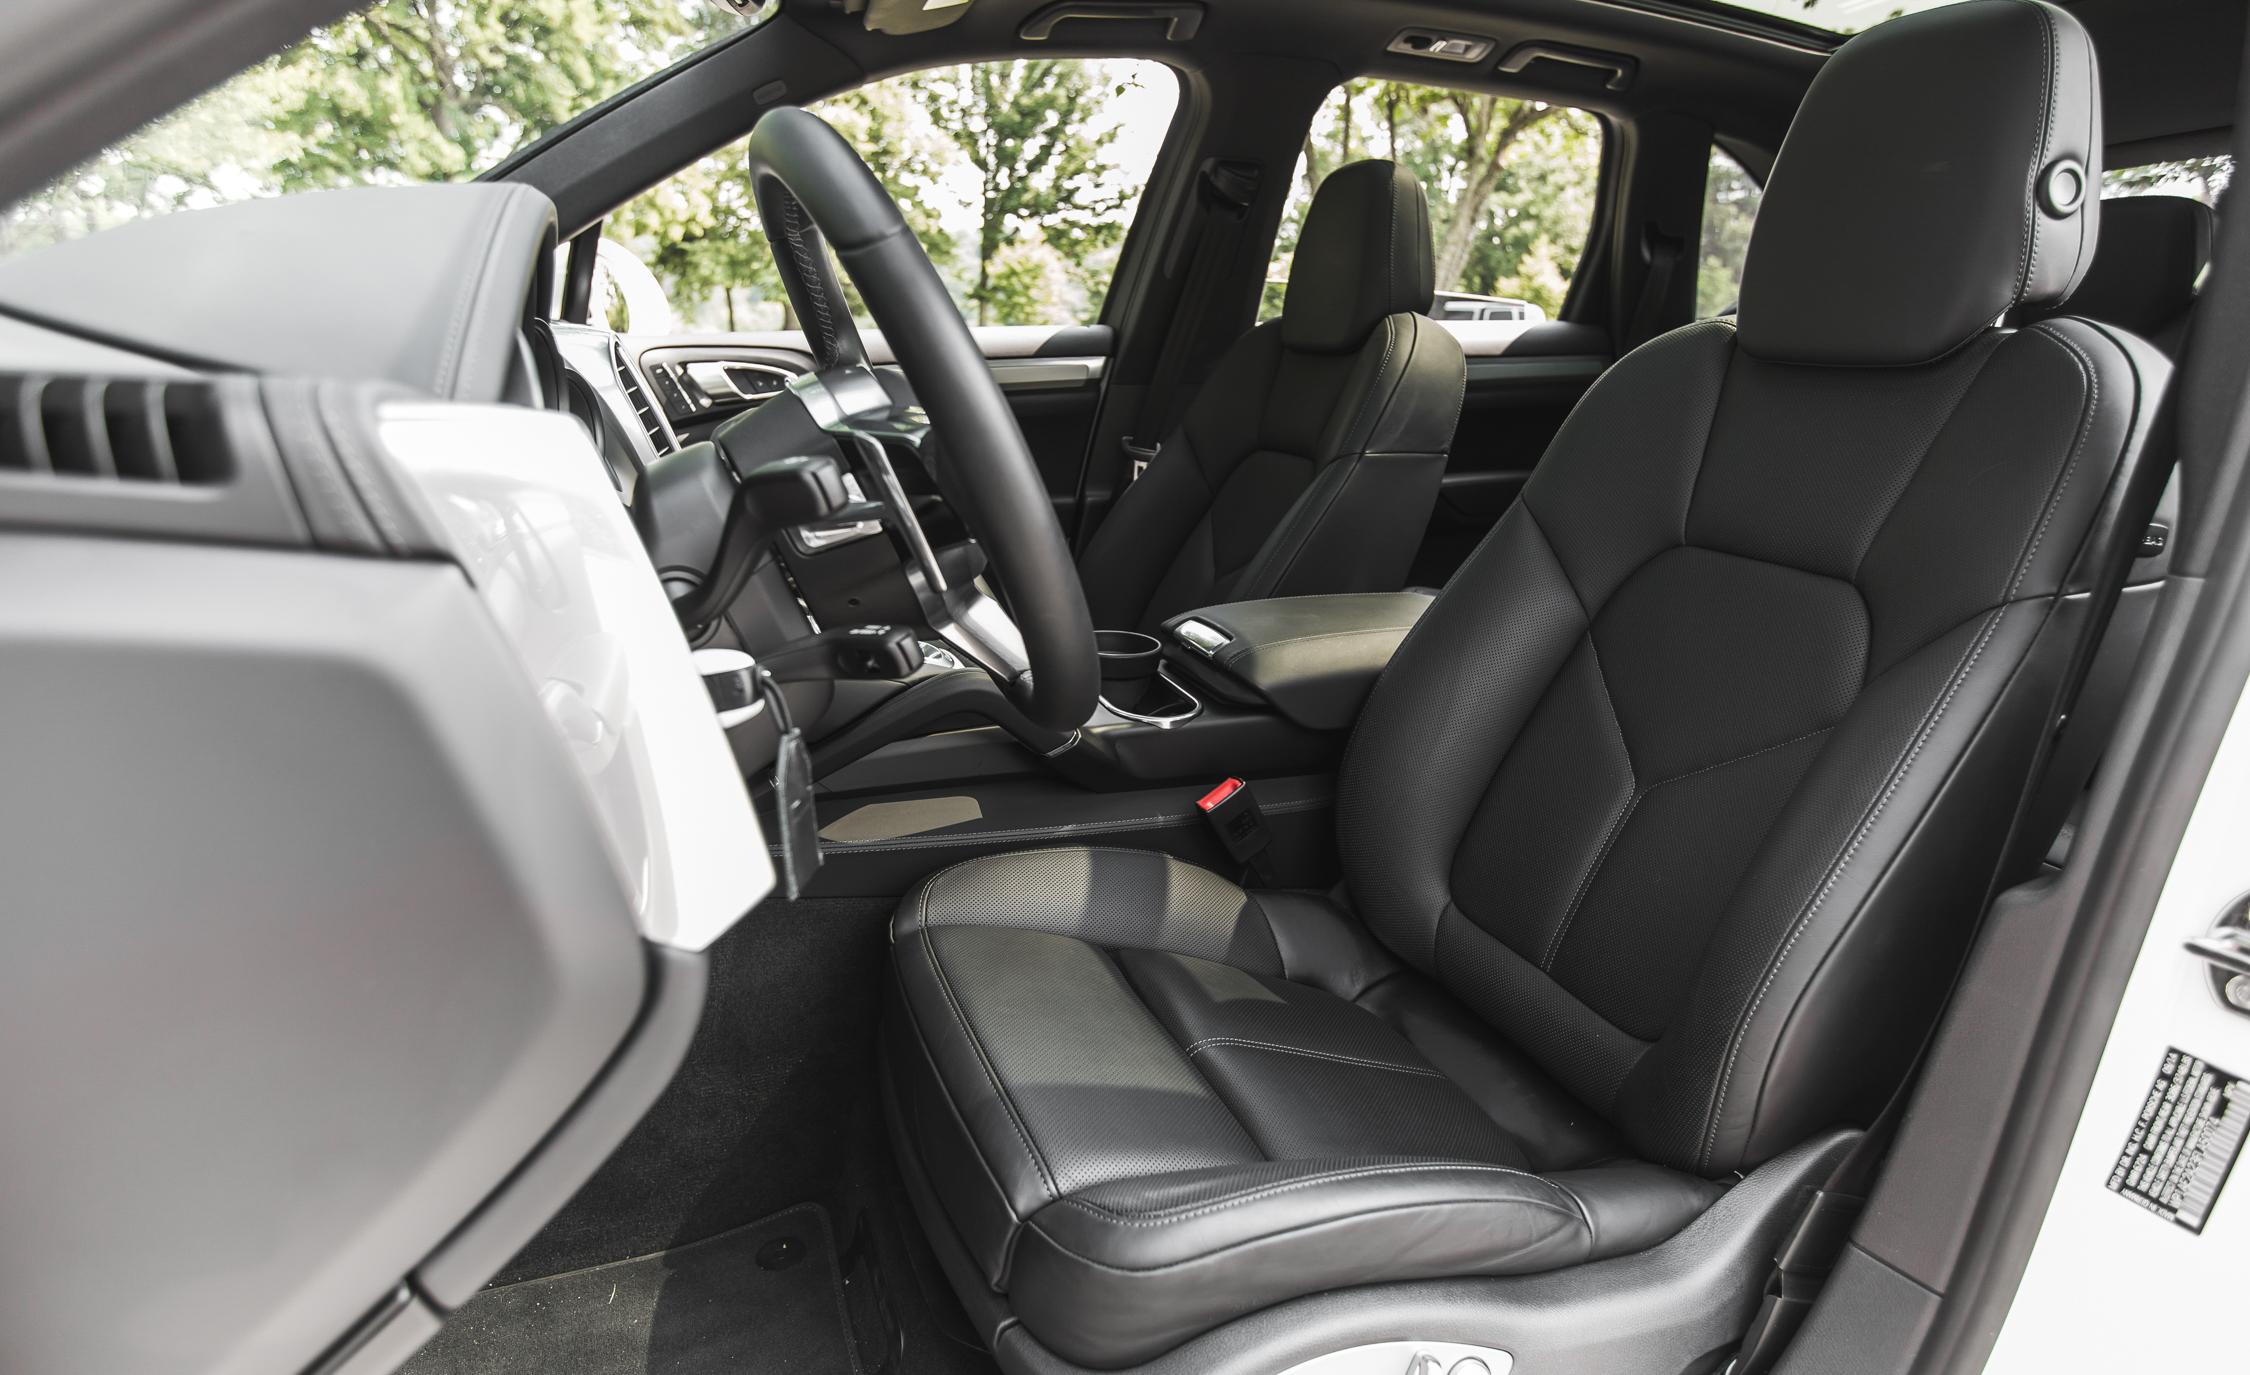 2015 porsche cayenne s e hybrid interior cockpit seat